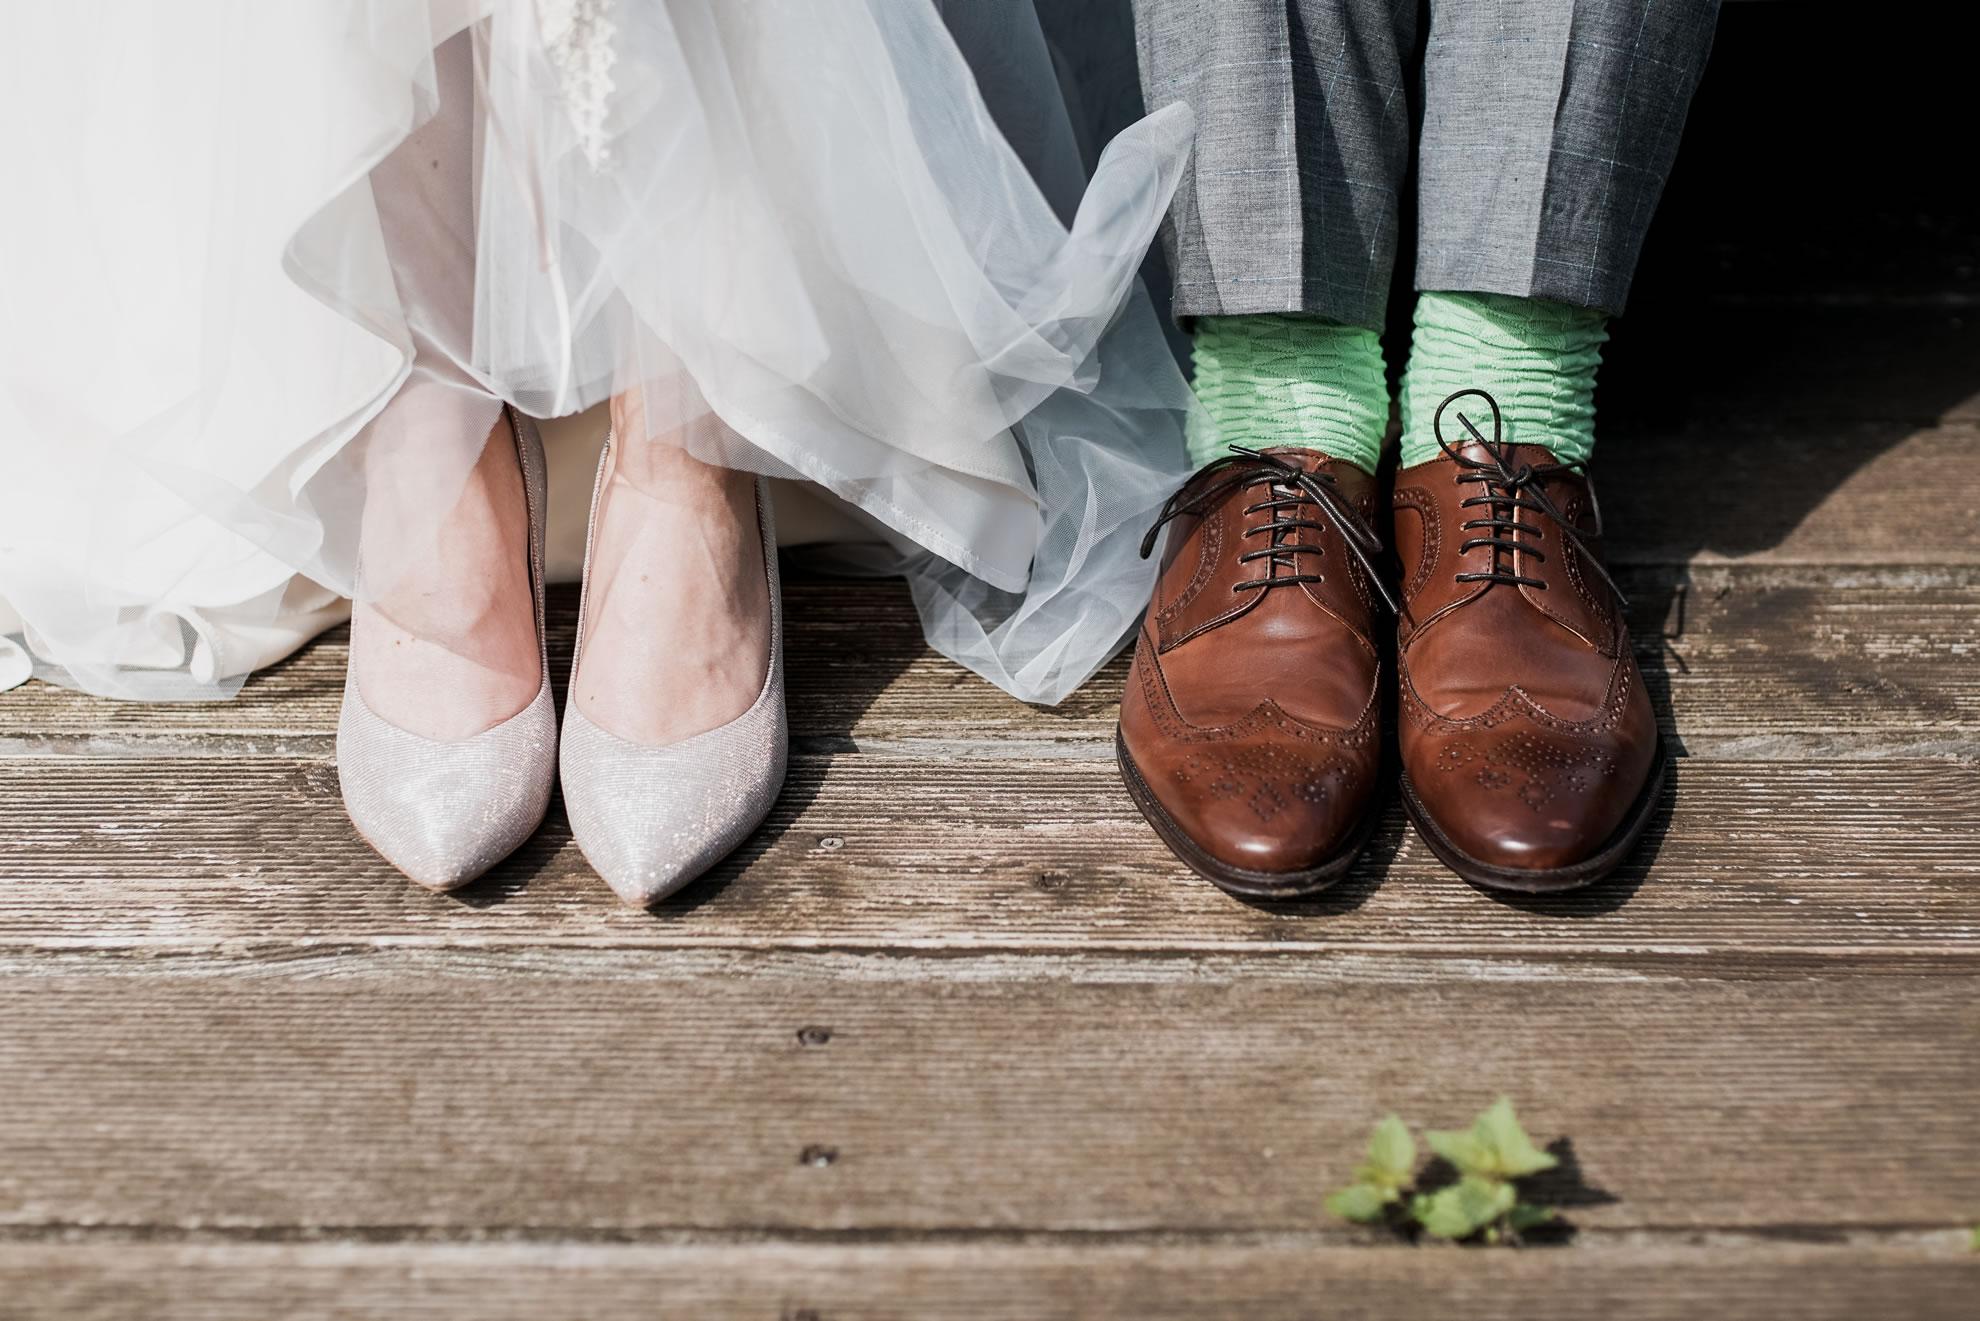 matrimonio ricevimento consigli da l'ufficio dei viaggi